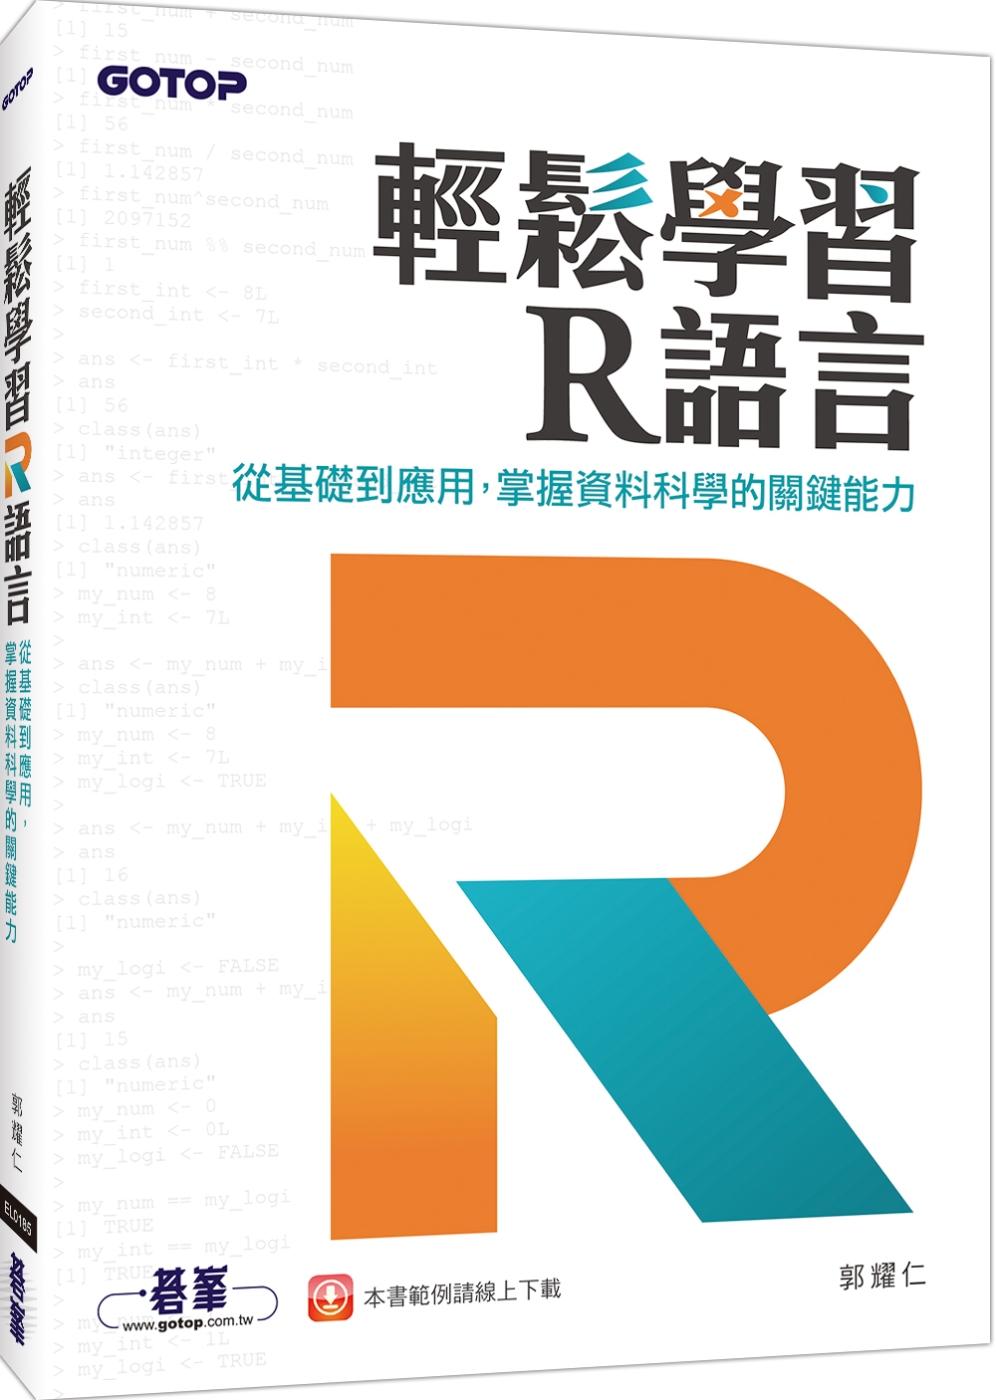 輕鬆學習R語言:從基礎到應用,掌握資料科學的關鍵能力